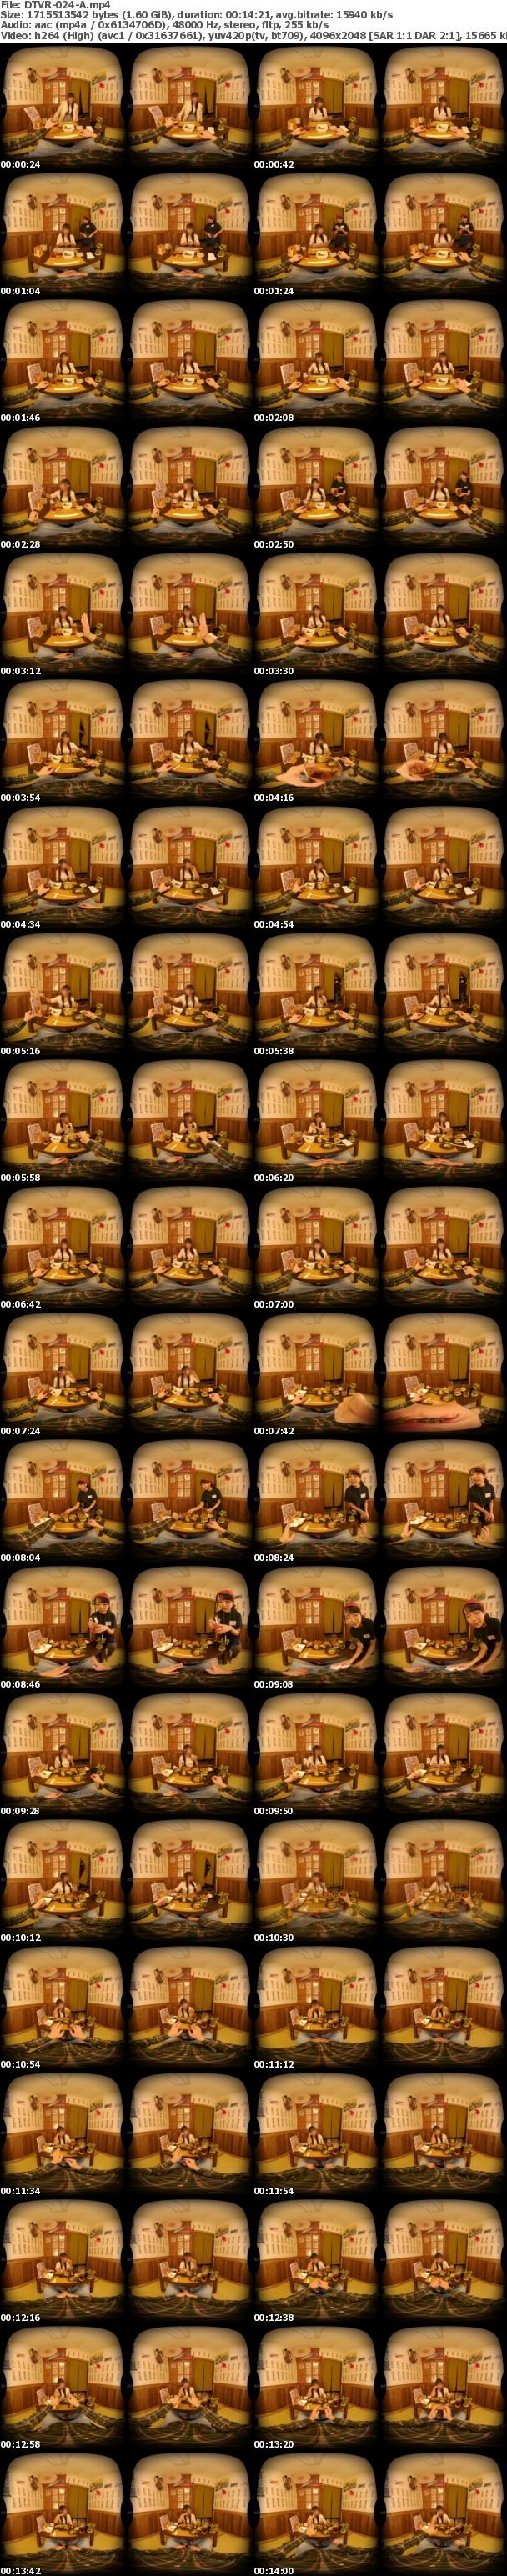 DTVR-024-A-screenshot